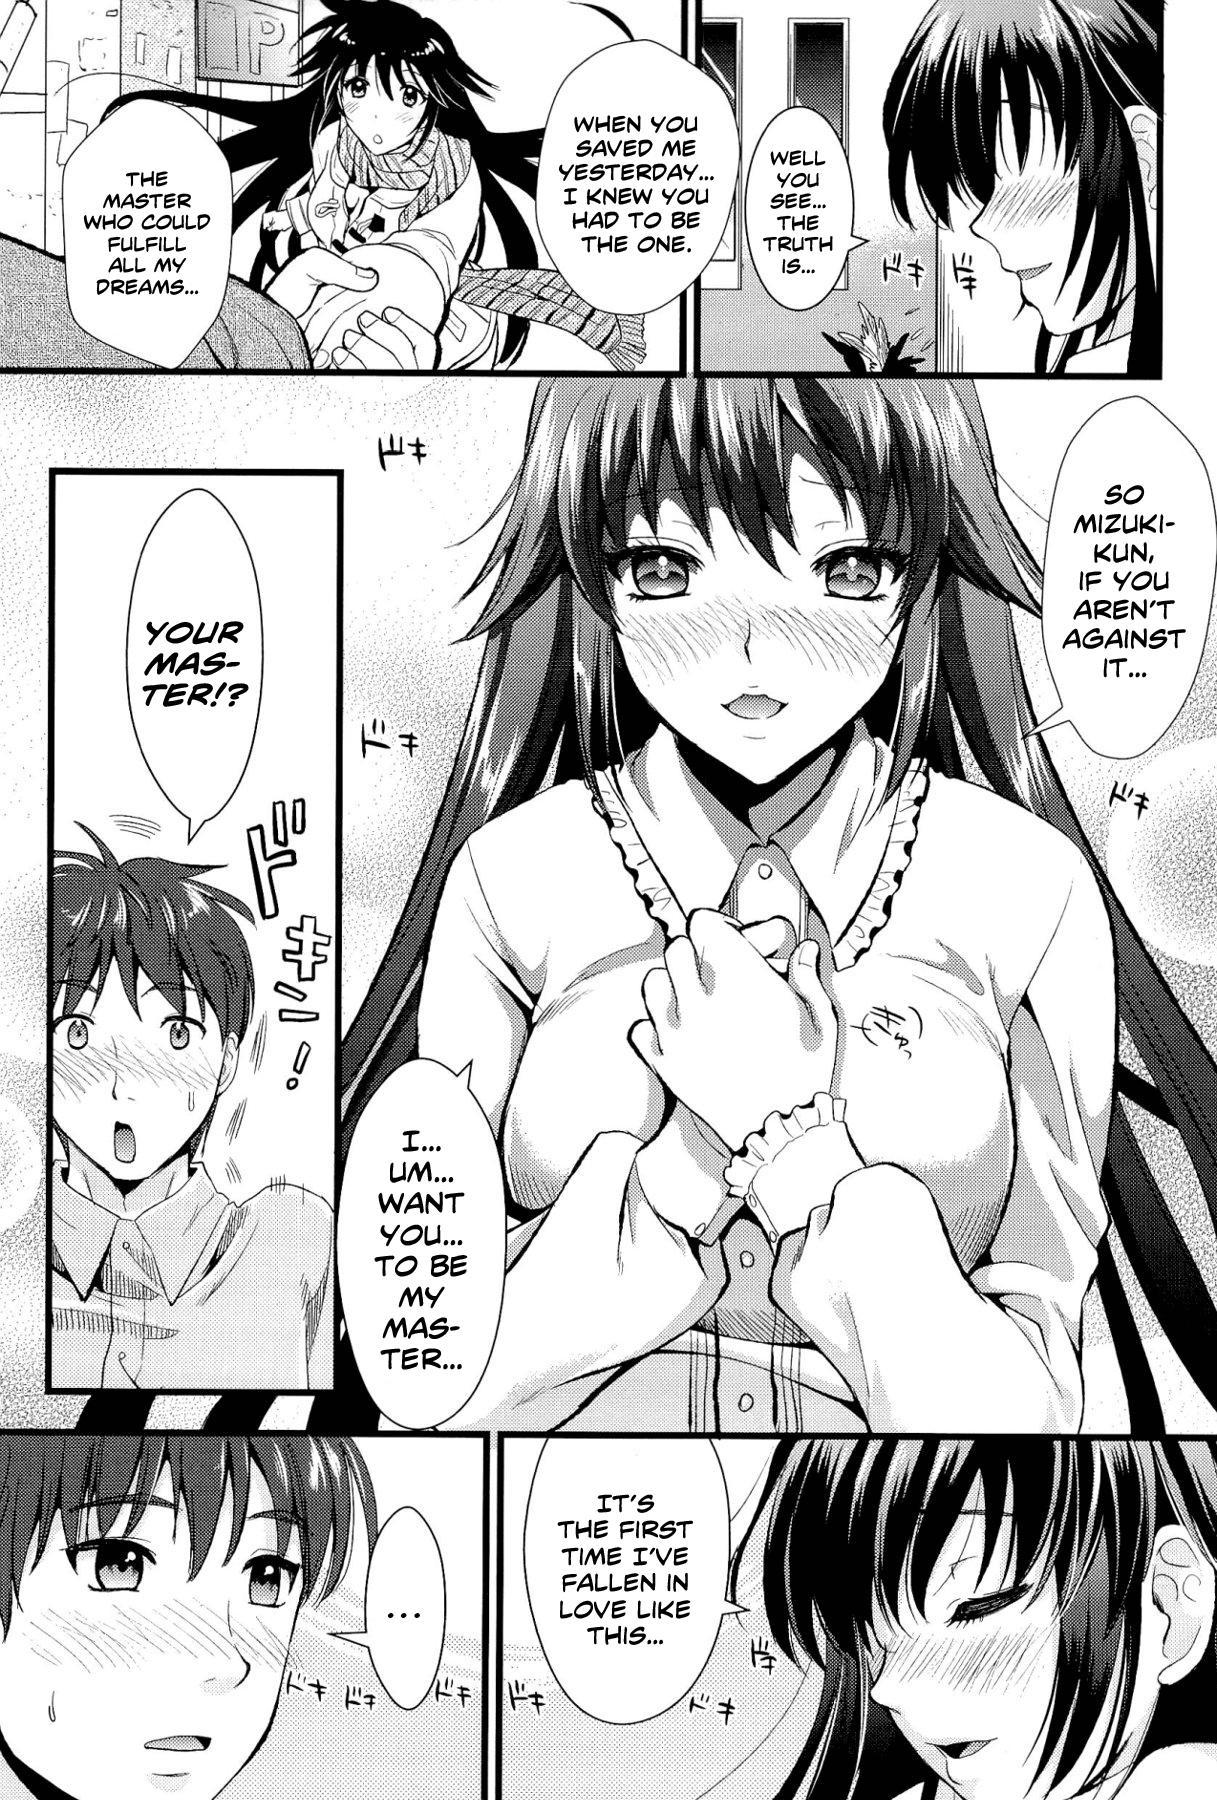 [Kojima Saya] Boku to Kanojo no Shujuu Kankei - Me And Her Master-Servant Relationship Ch. 1-3 [English] [freudia] 22